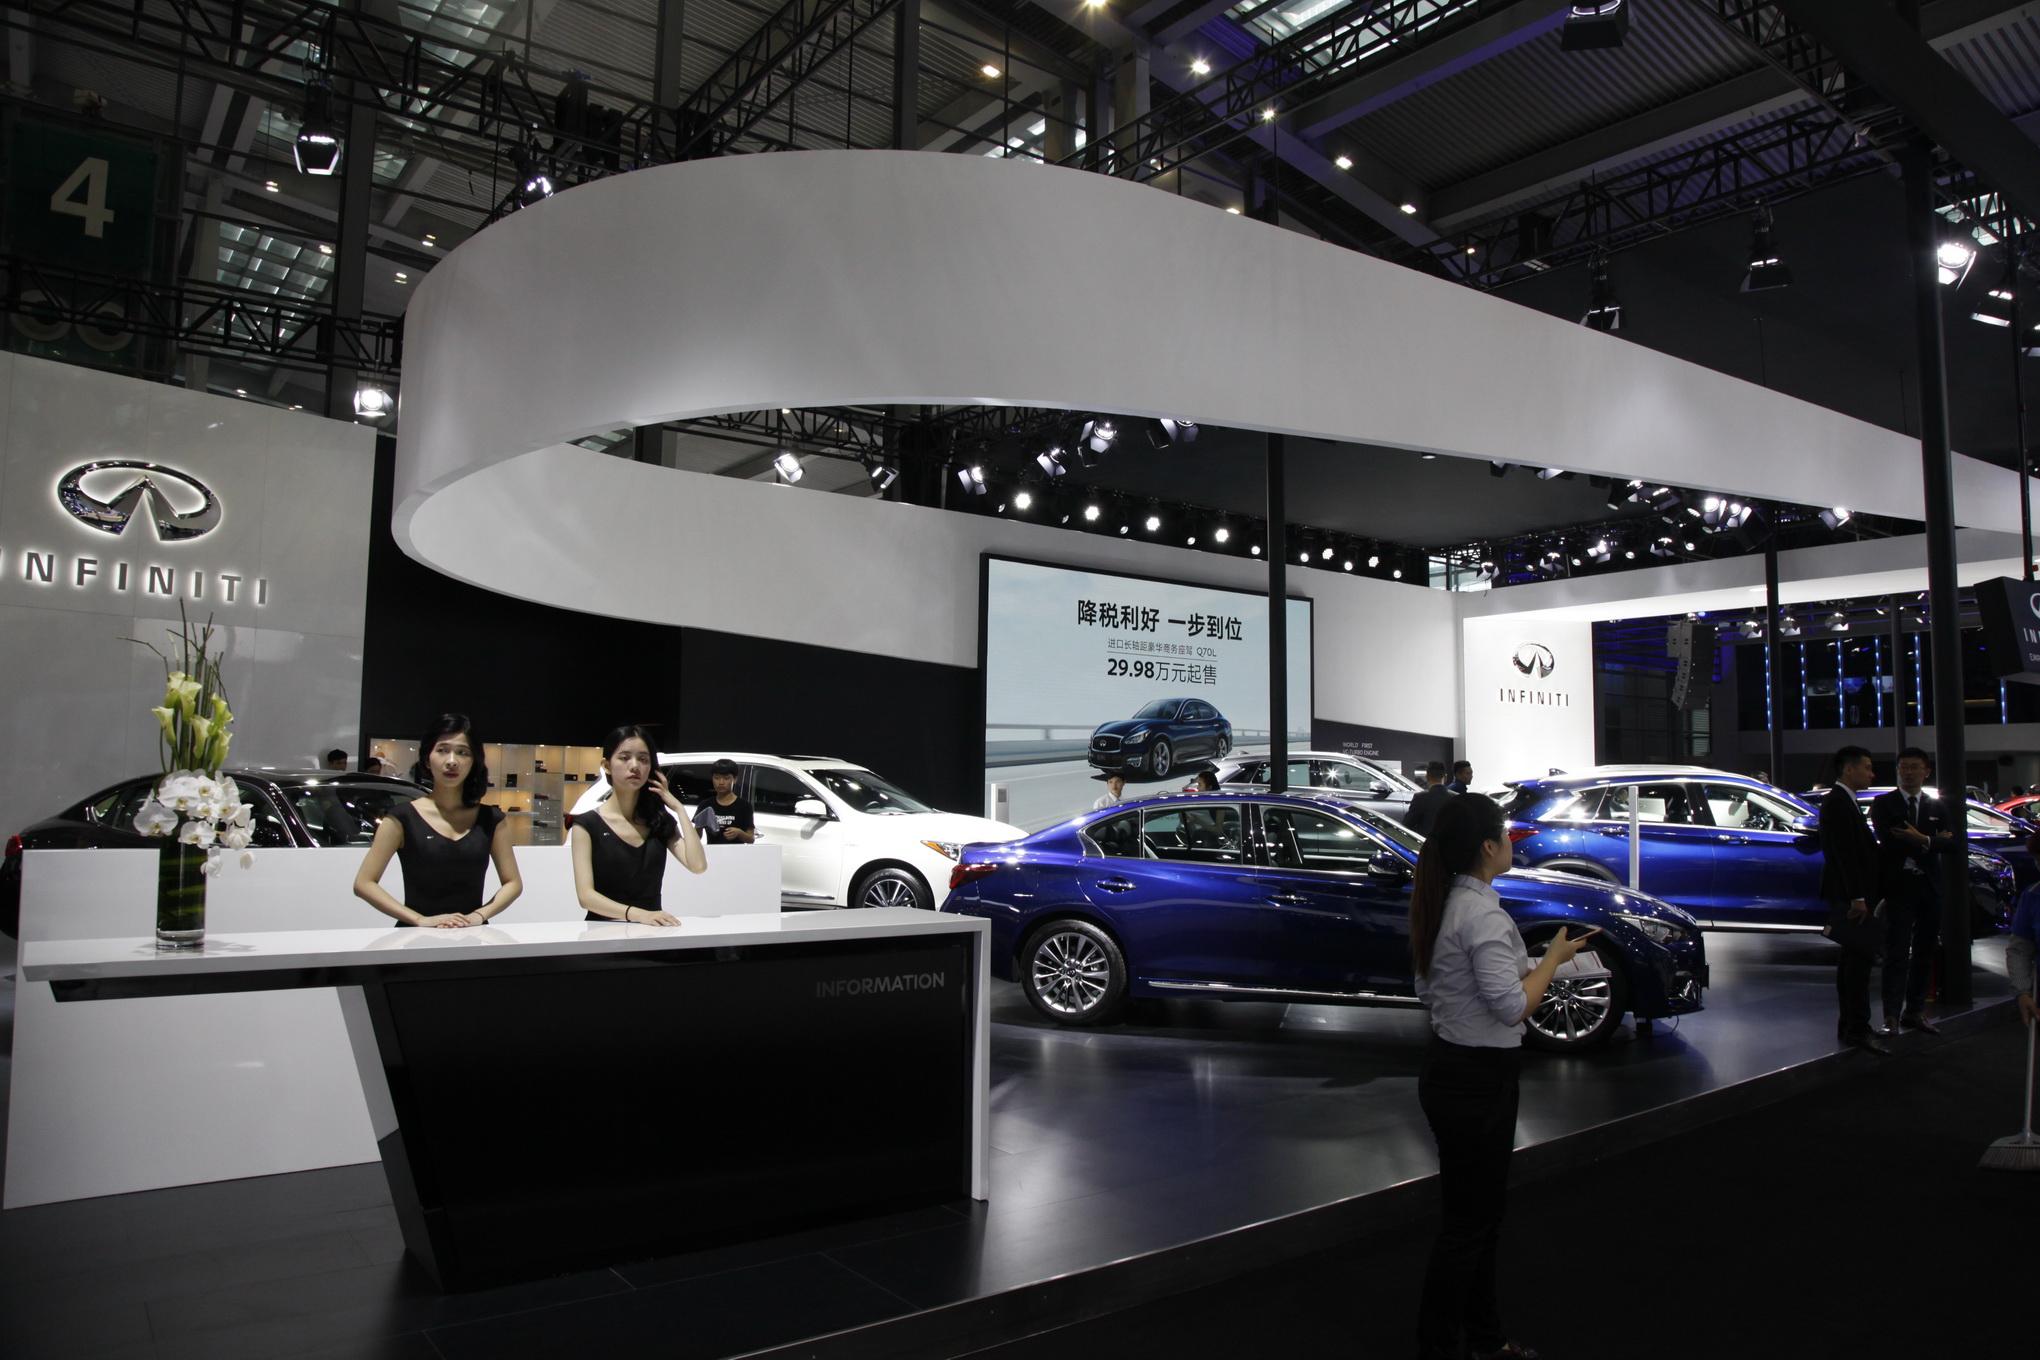 展台设计|汽车行业的案例图